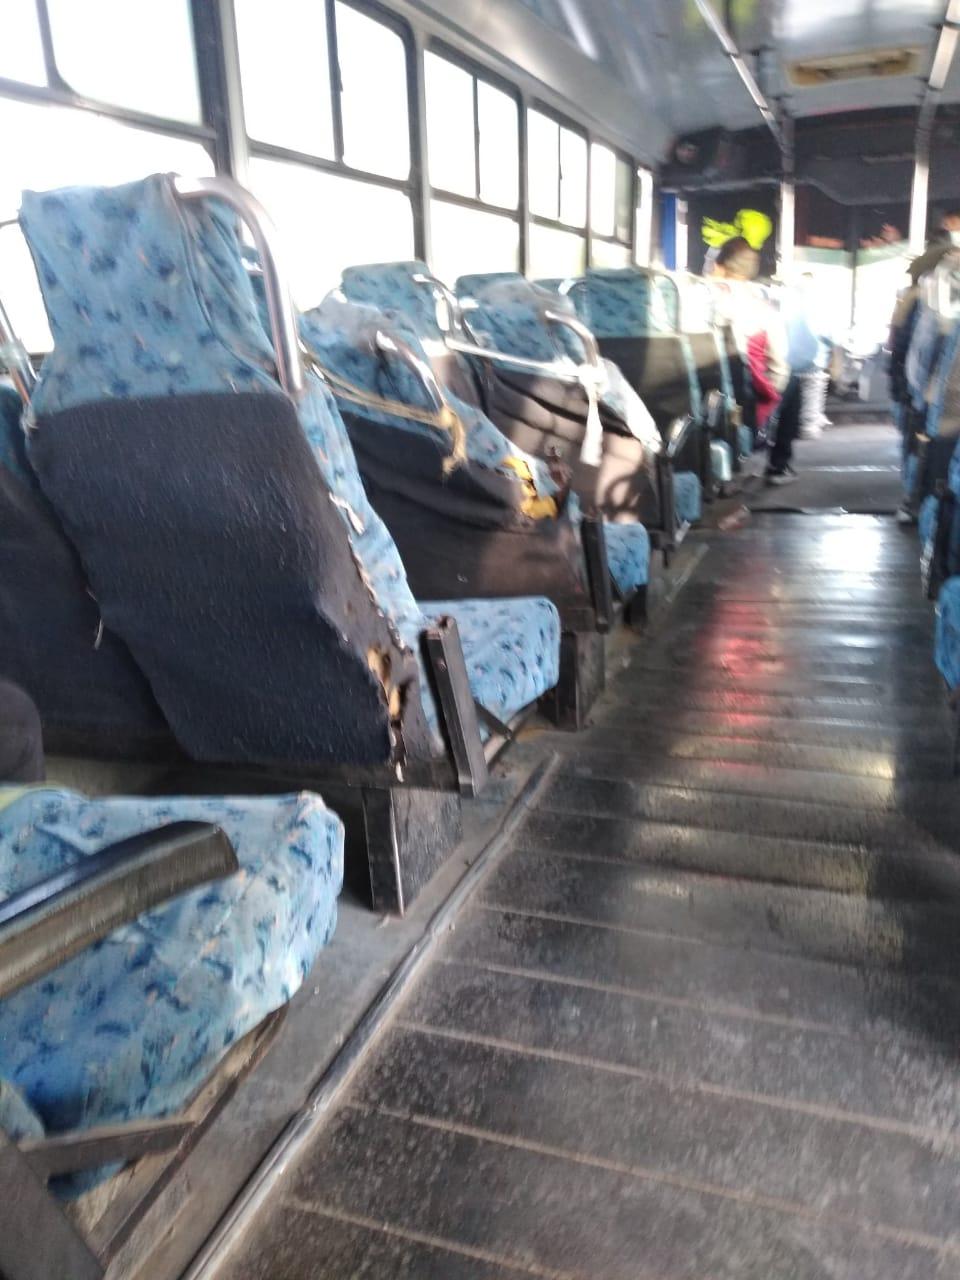 Estas son las condiciones en las que se encuentra una unidad de transporte público